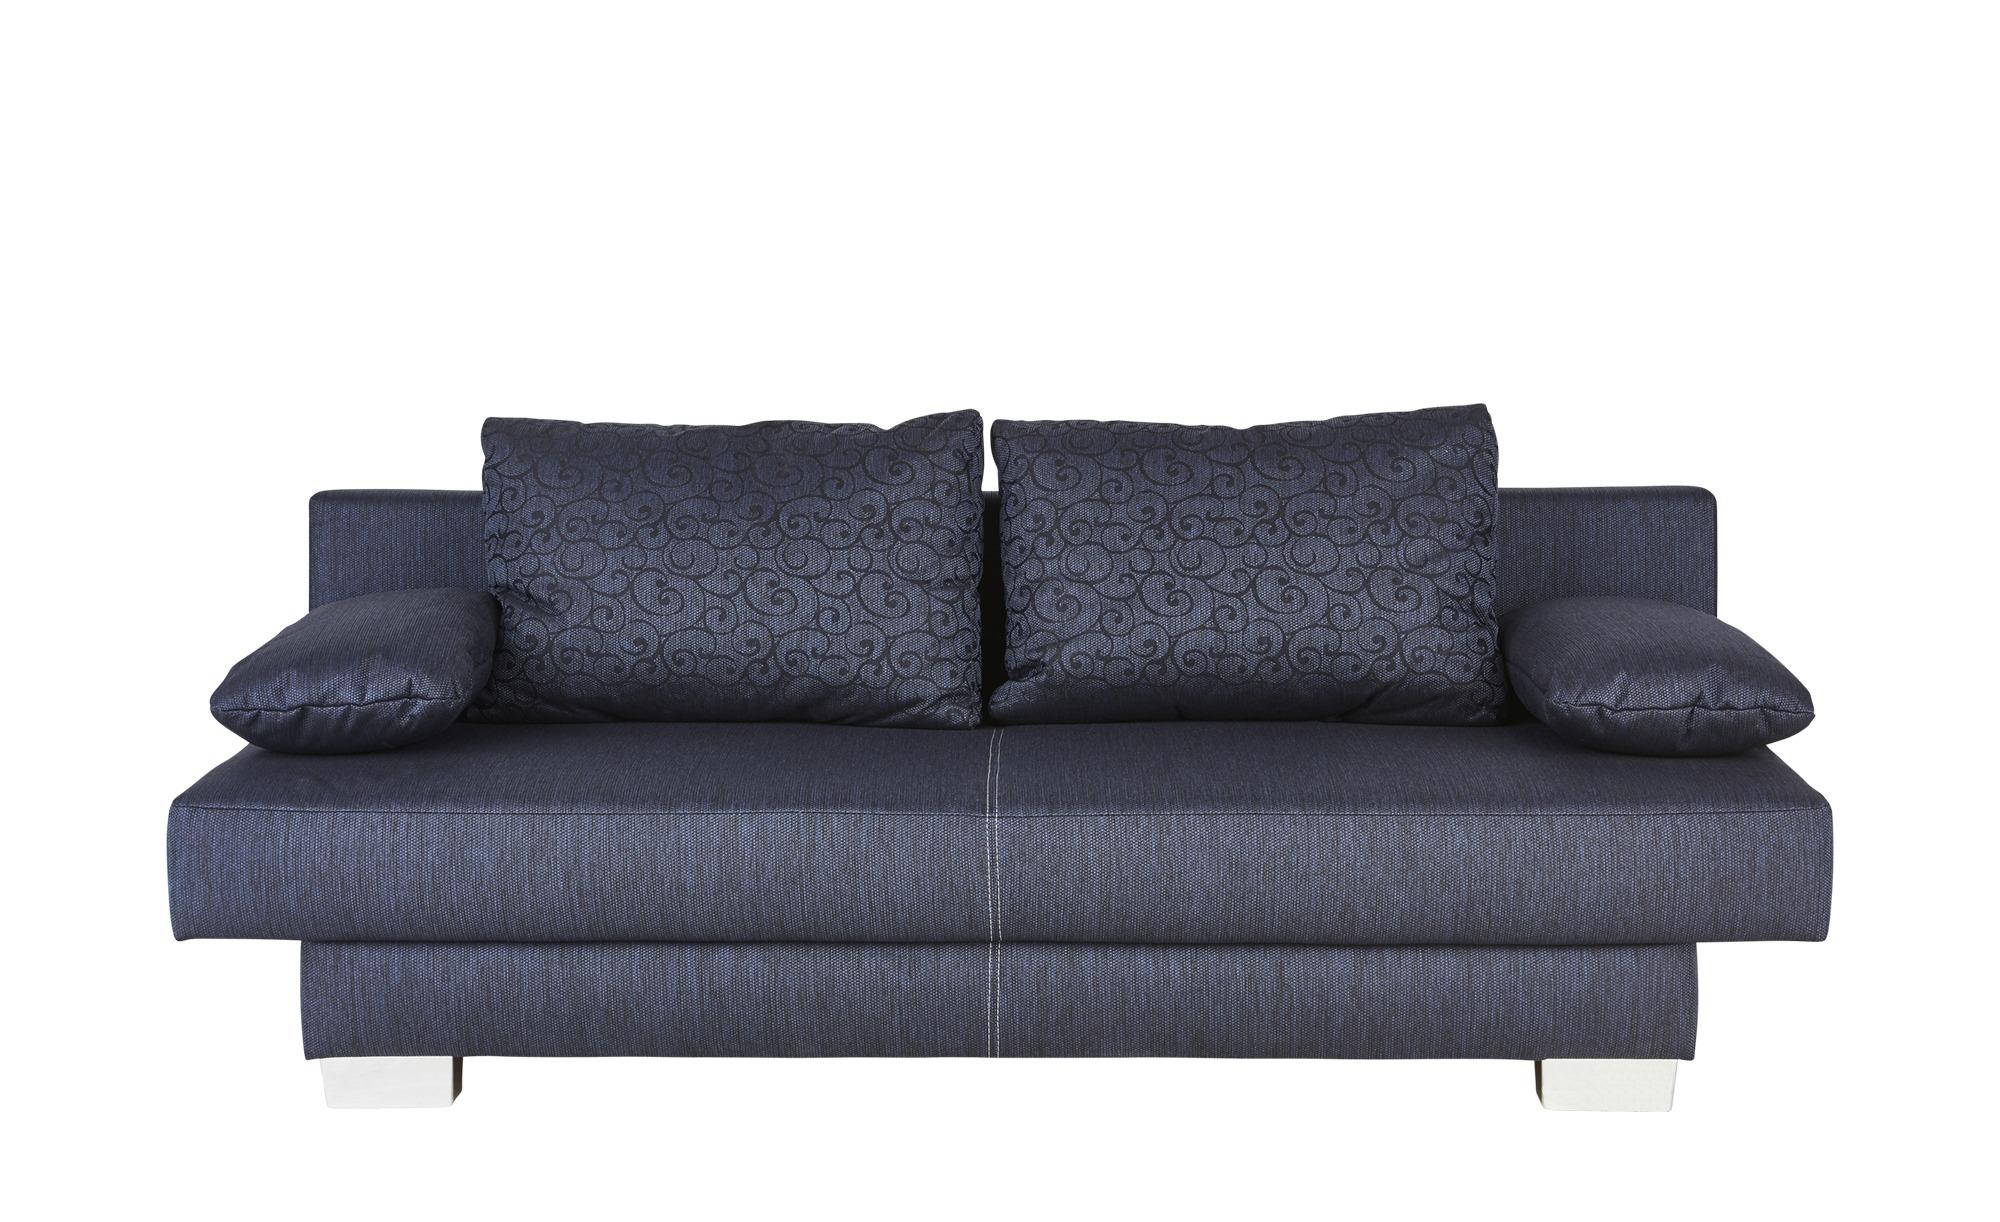 Schlafsofa blau - Webstoff Nia ¦ Maße (cm): B: 193 H: 80 T: 87 Polstermöbel > Sofas > Einzelsofas - Höffner